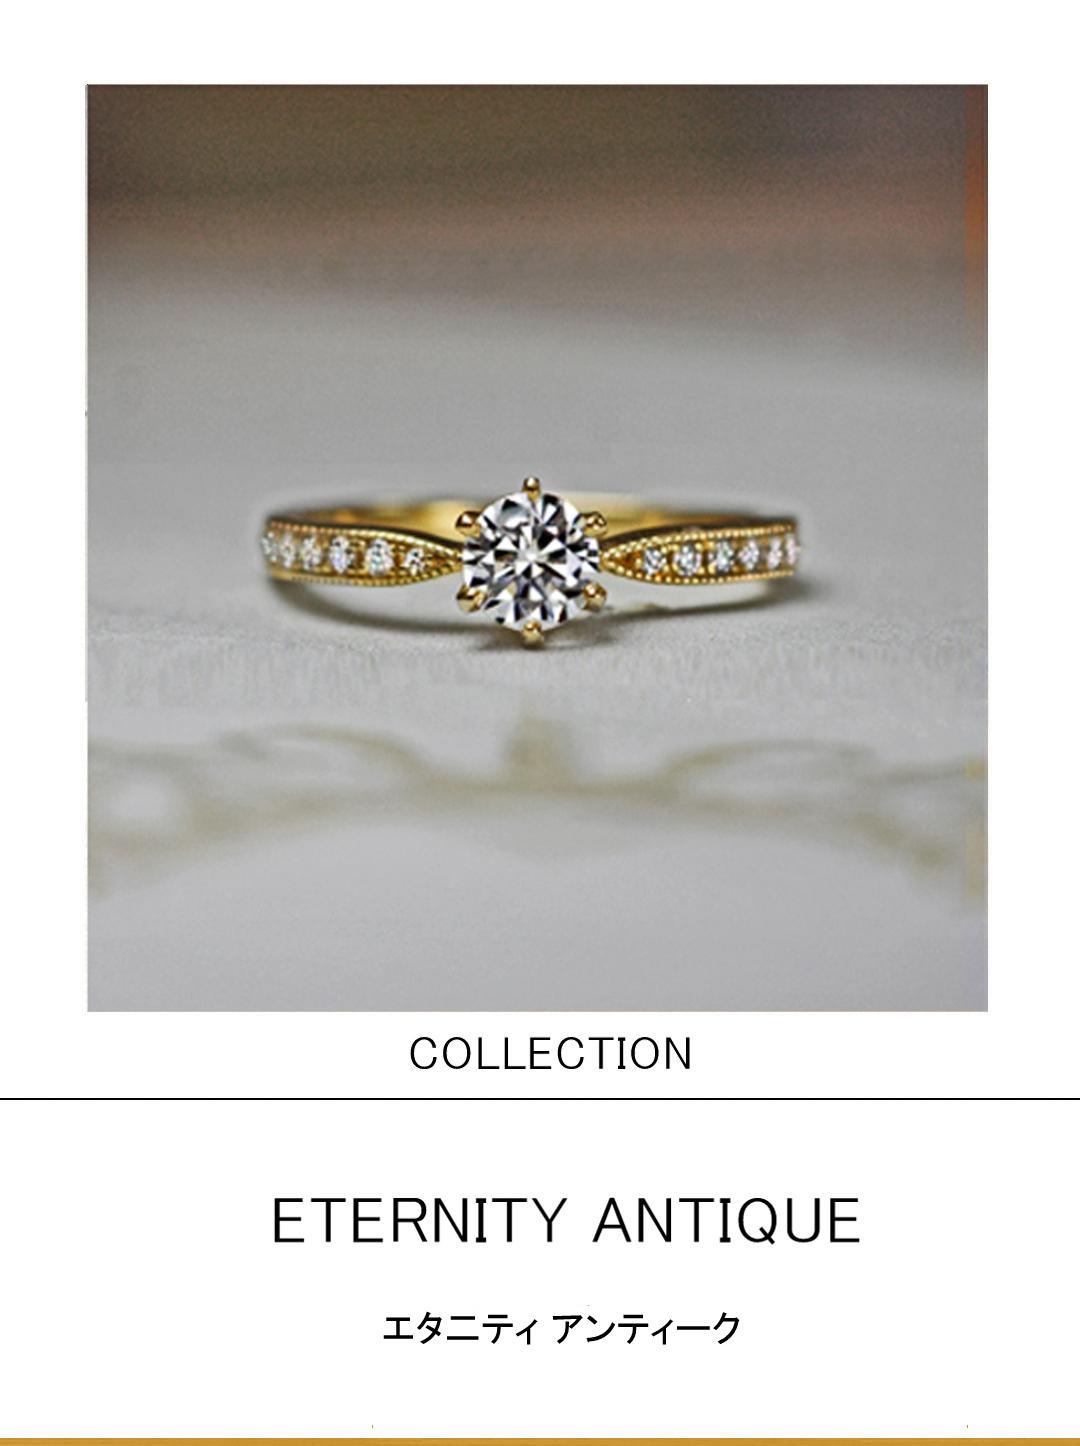 ゴールドリングにミルステッチが入ったゴールドの婚約指輪エタニティのサムネイル